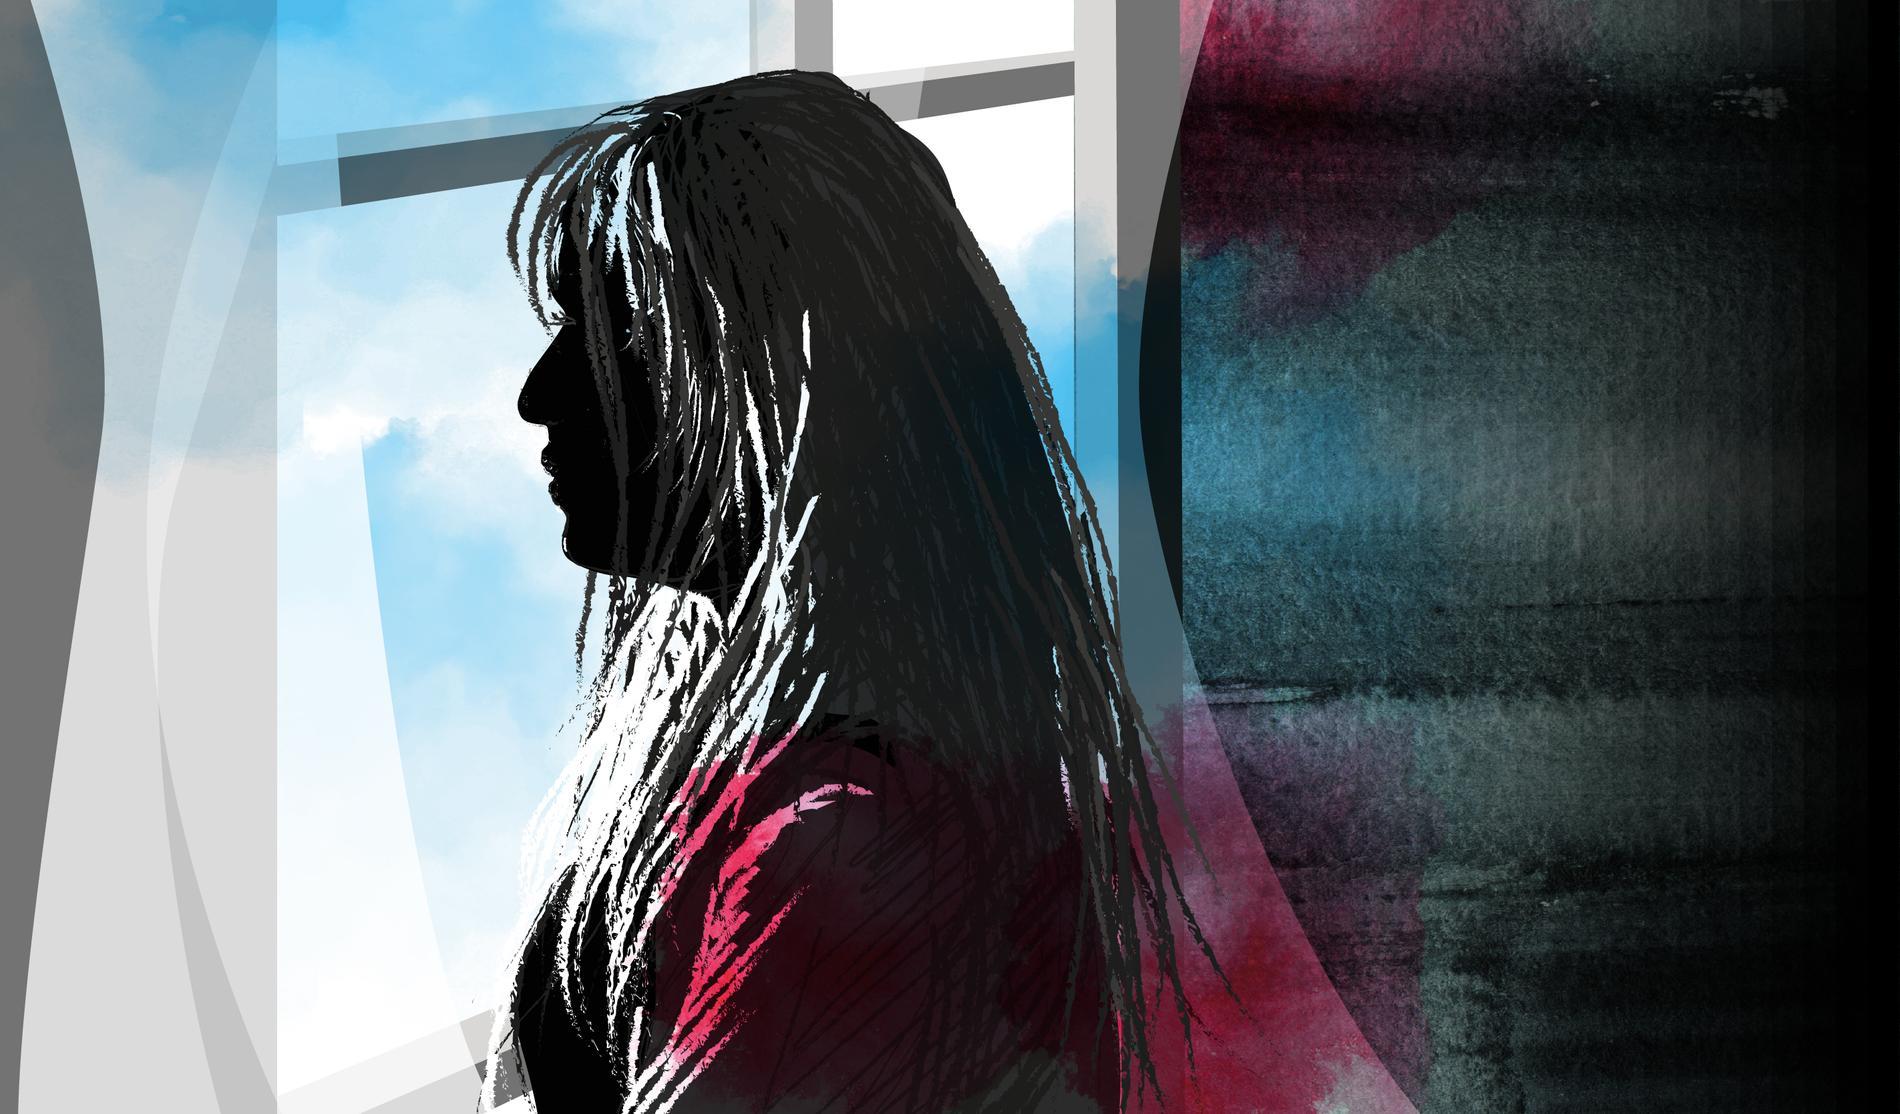 """När """"Aliana"""" fyllde femton fick hon veta att hon skulle bli bortgift så snart hennes far hittat rätt man. Illustrationsbild."""